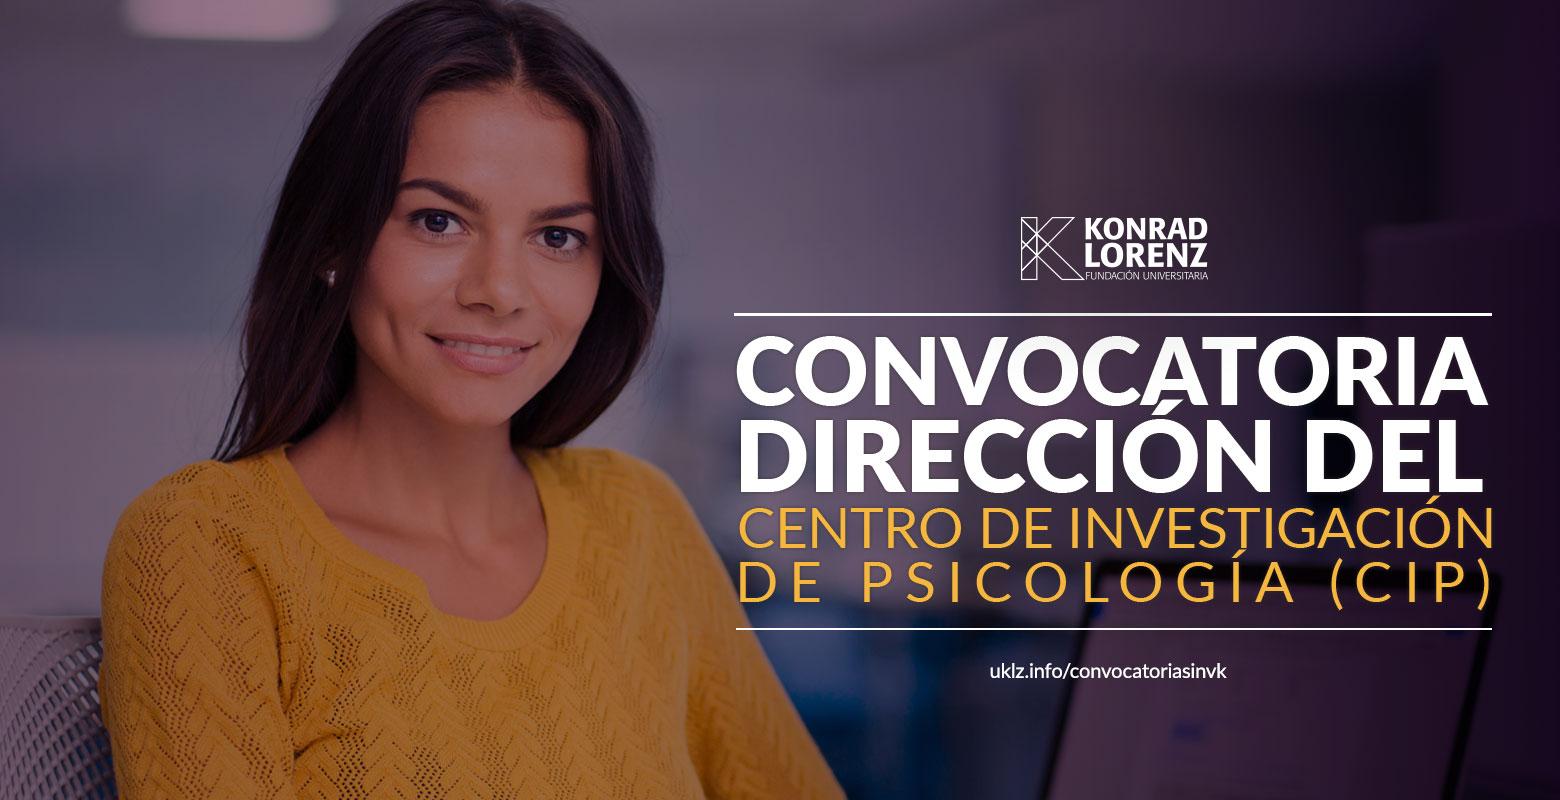 Convocatoria abierta para vincular un Director(a) del Centro de Investigación de Psicología (CIP)